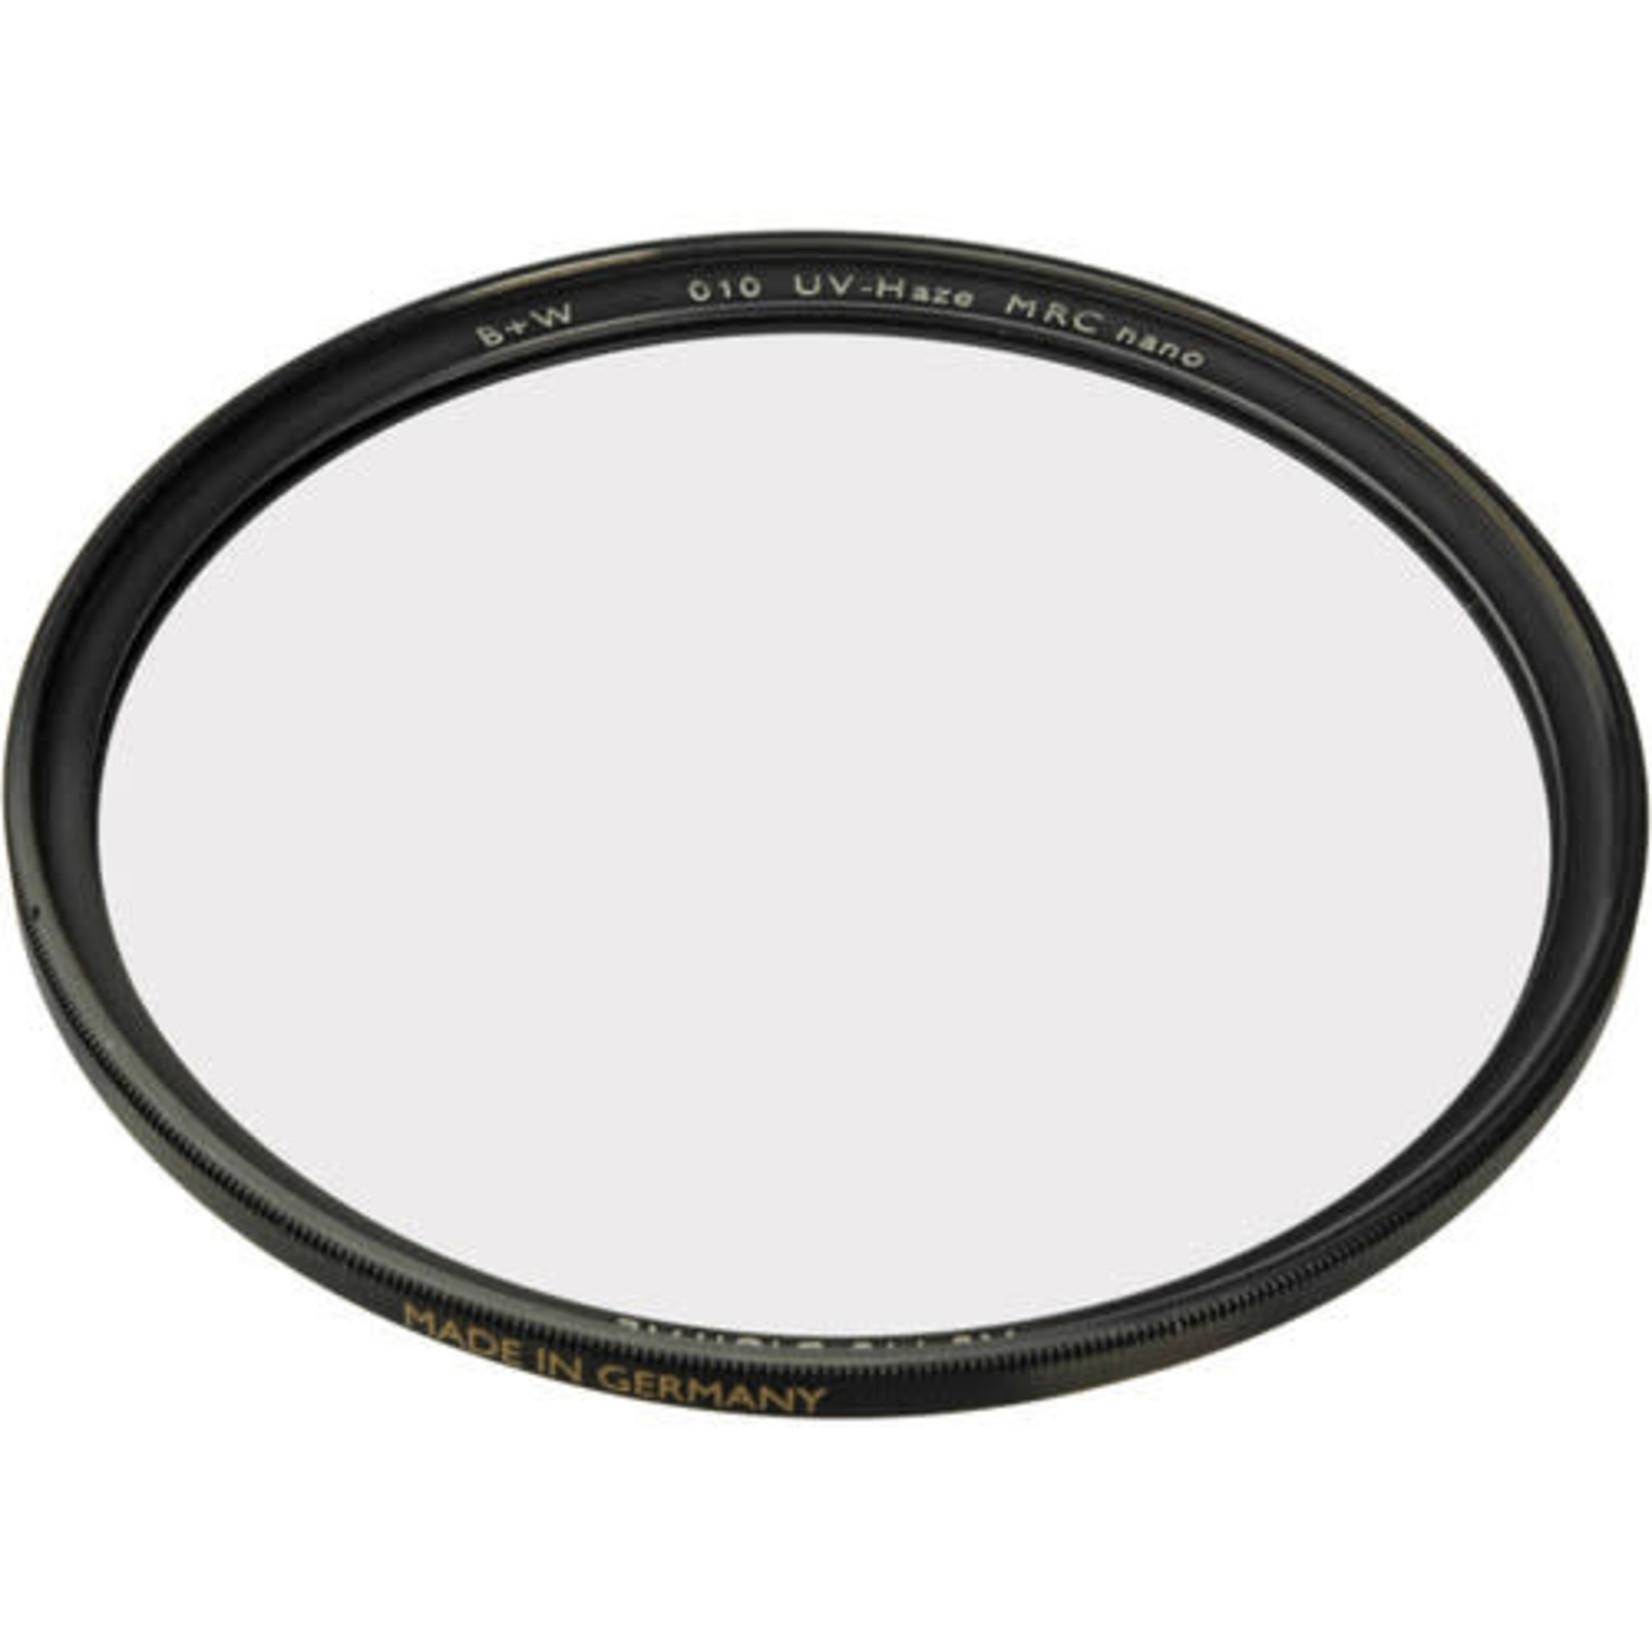 B+W B+W 58mm XS-Pro UV Haze MRC-Nano 010M Filter